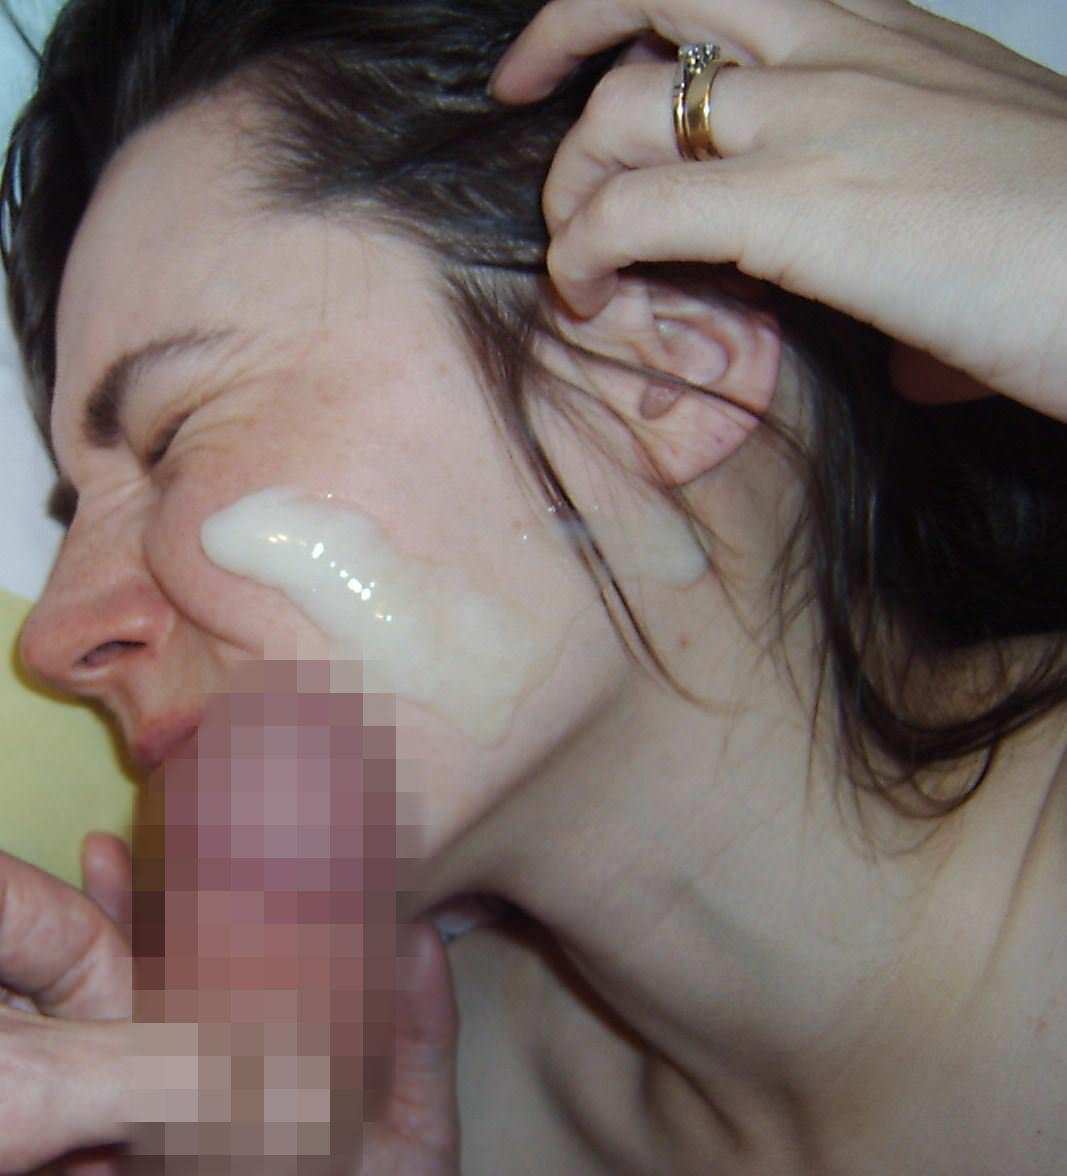 【外人】たっぷり白濁ザーメンをぶっかけられる素人の顔射ポルノ画像 787